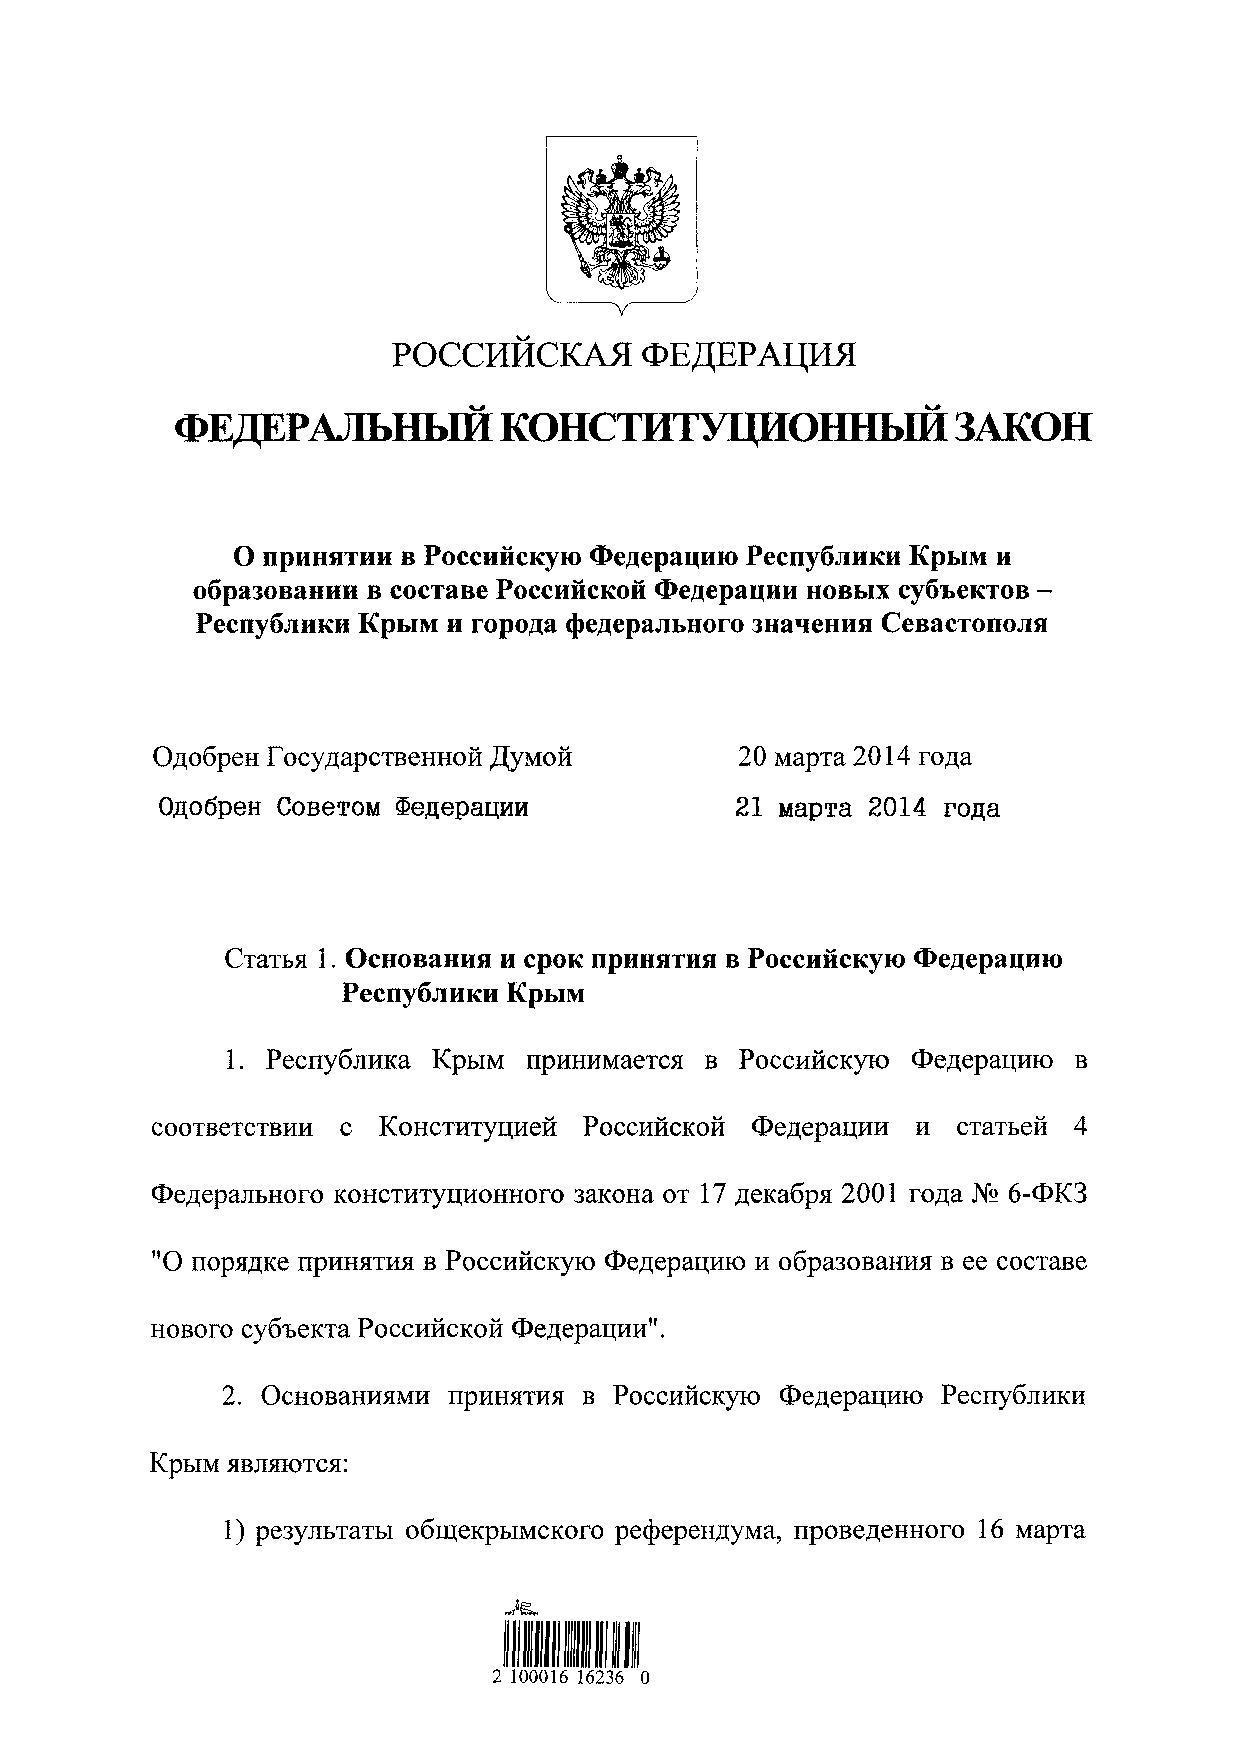 Федеральный конституционный закон о принятии в состав рф республики крым